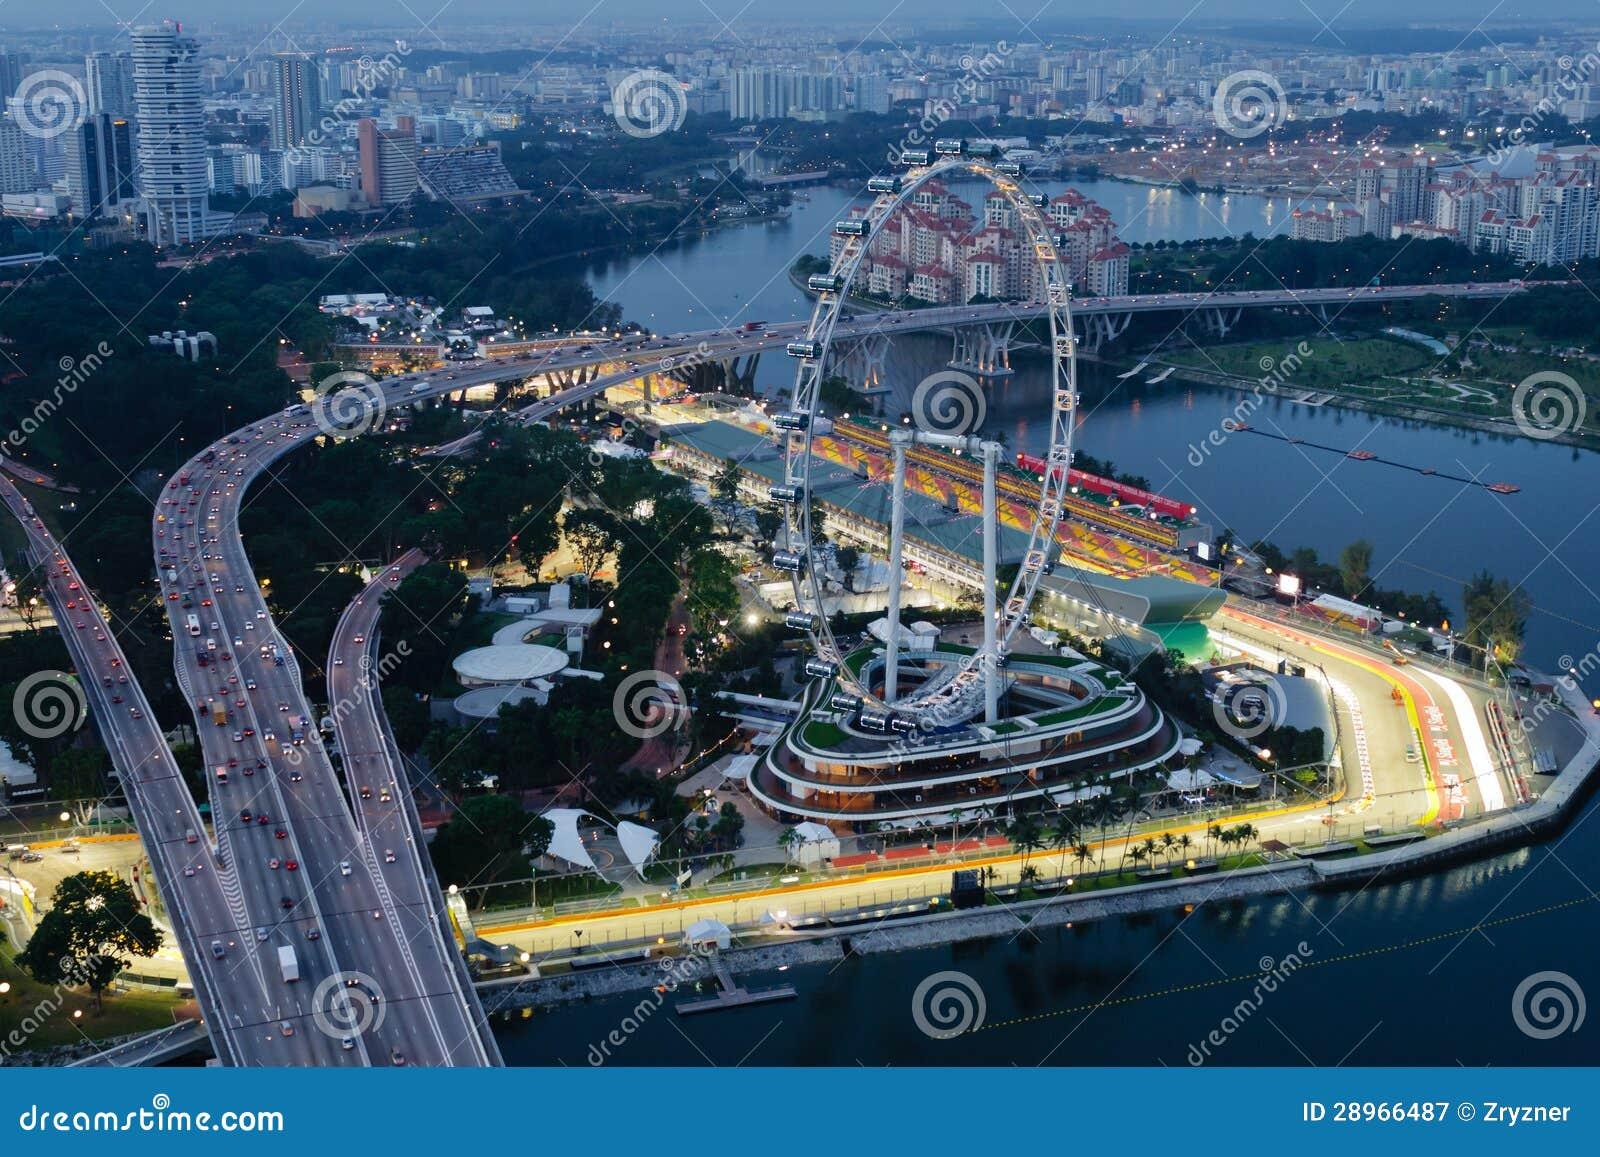 Circuito Singapur : Circuito del aviador de singapur y de la calle de la bahía del